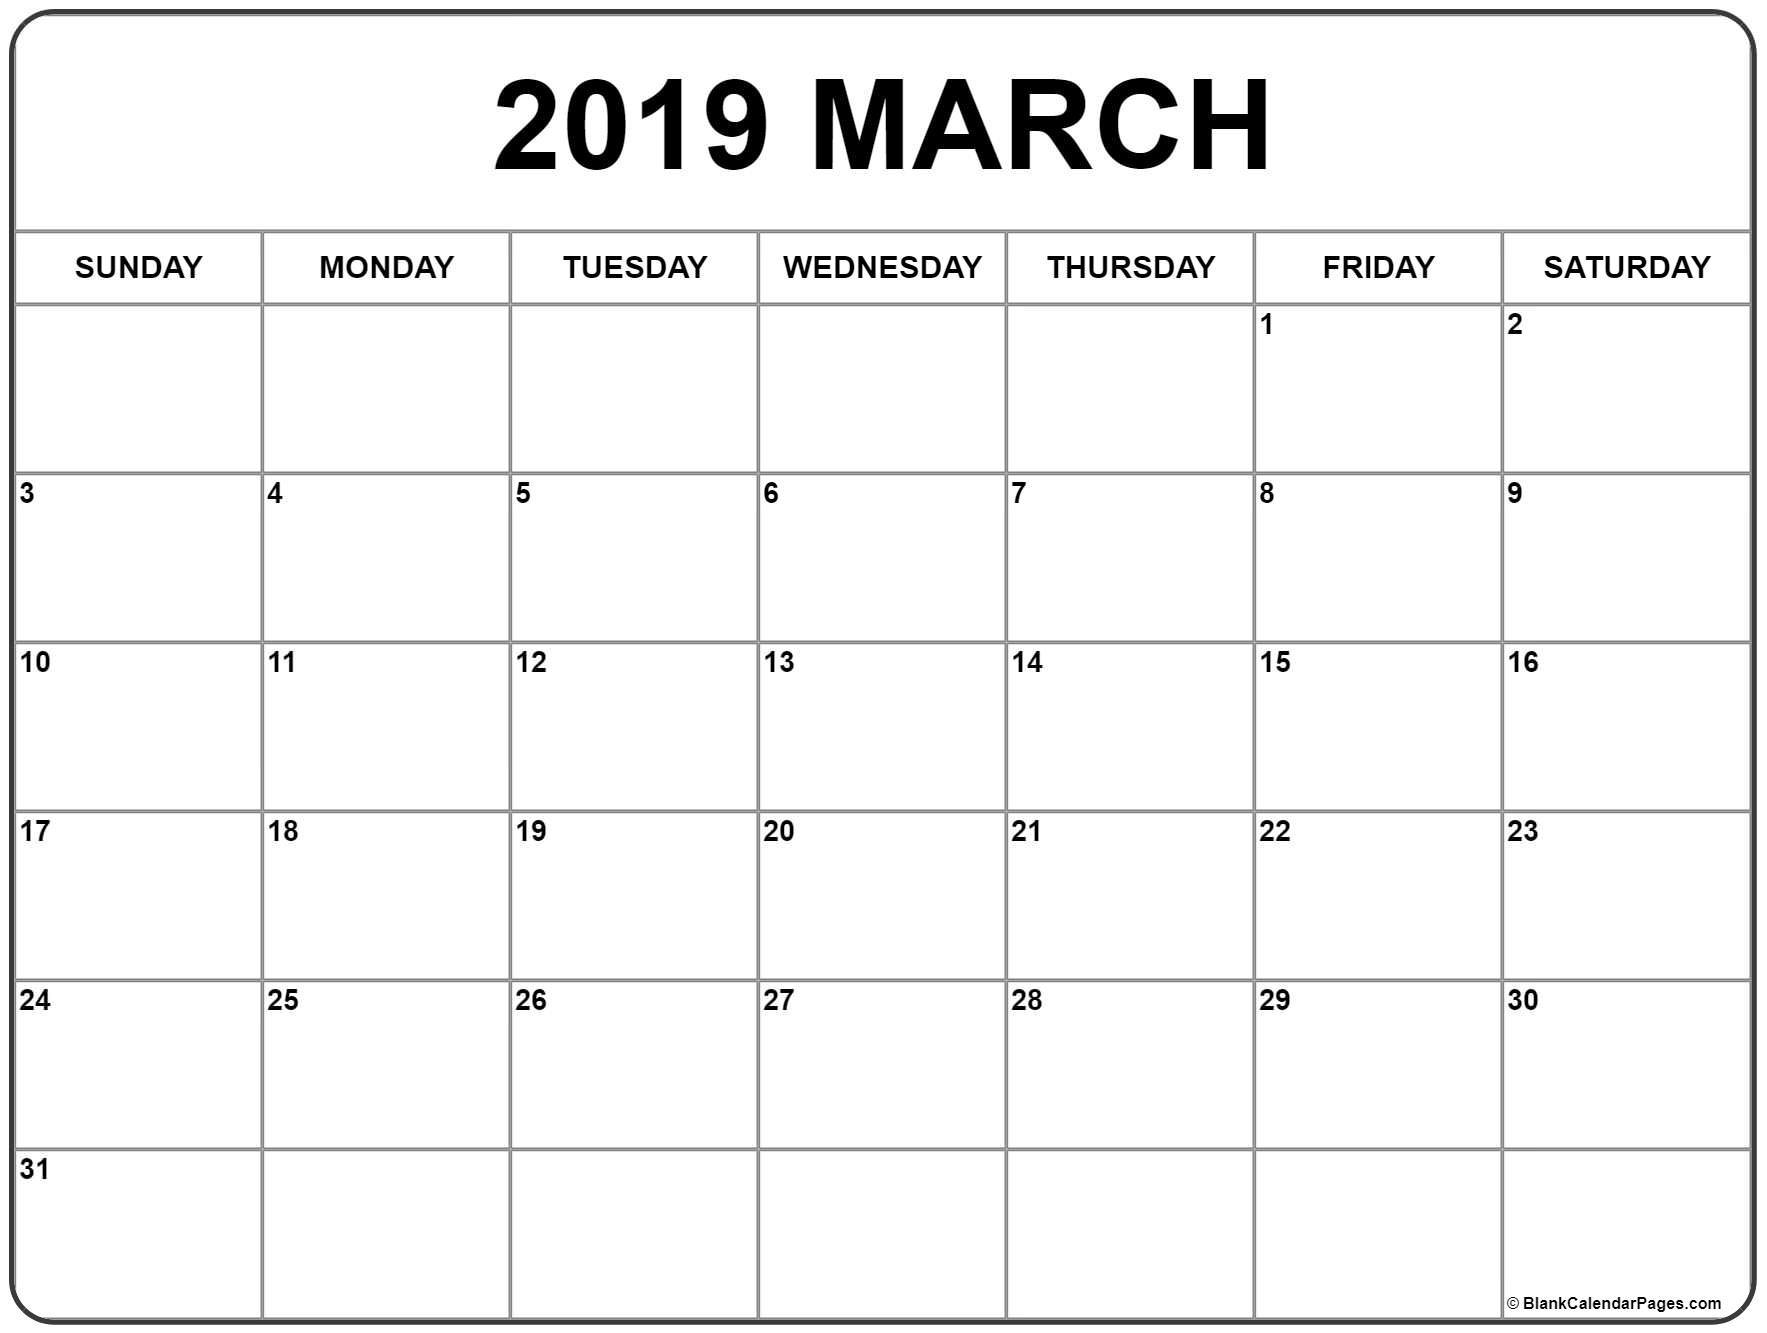 March Holiday Calendar 2019 Más Caliente March 2019 Calendar Of March Holiday Calendar 2019 Más Caliente Printable March 2019 Calendar Template Holidays Yes Calendars